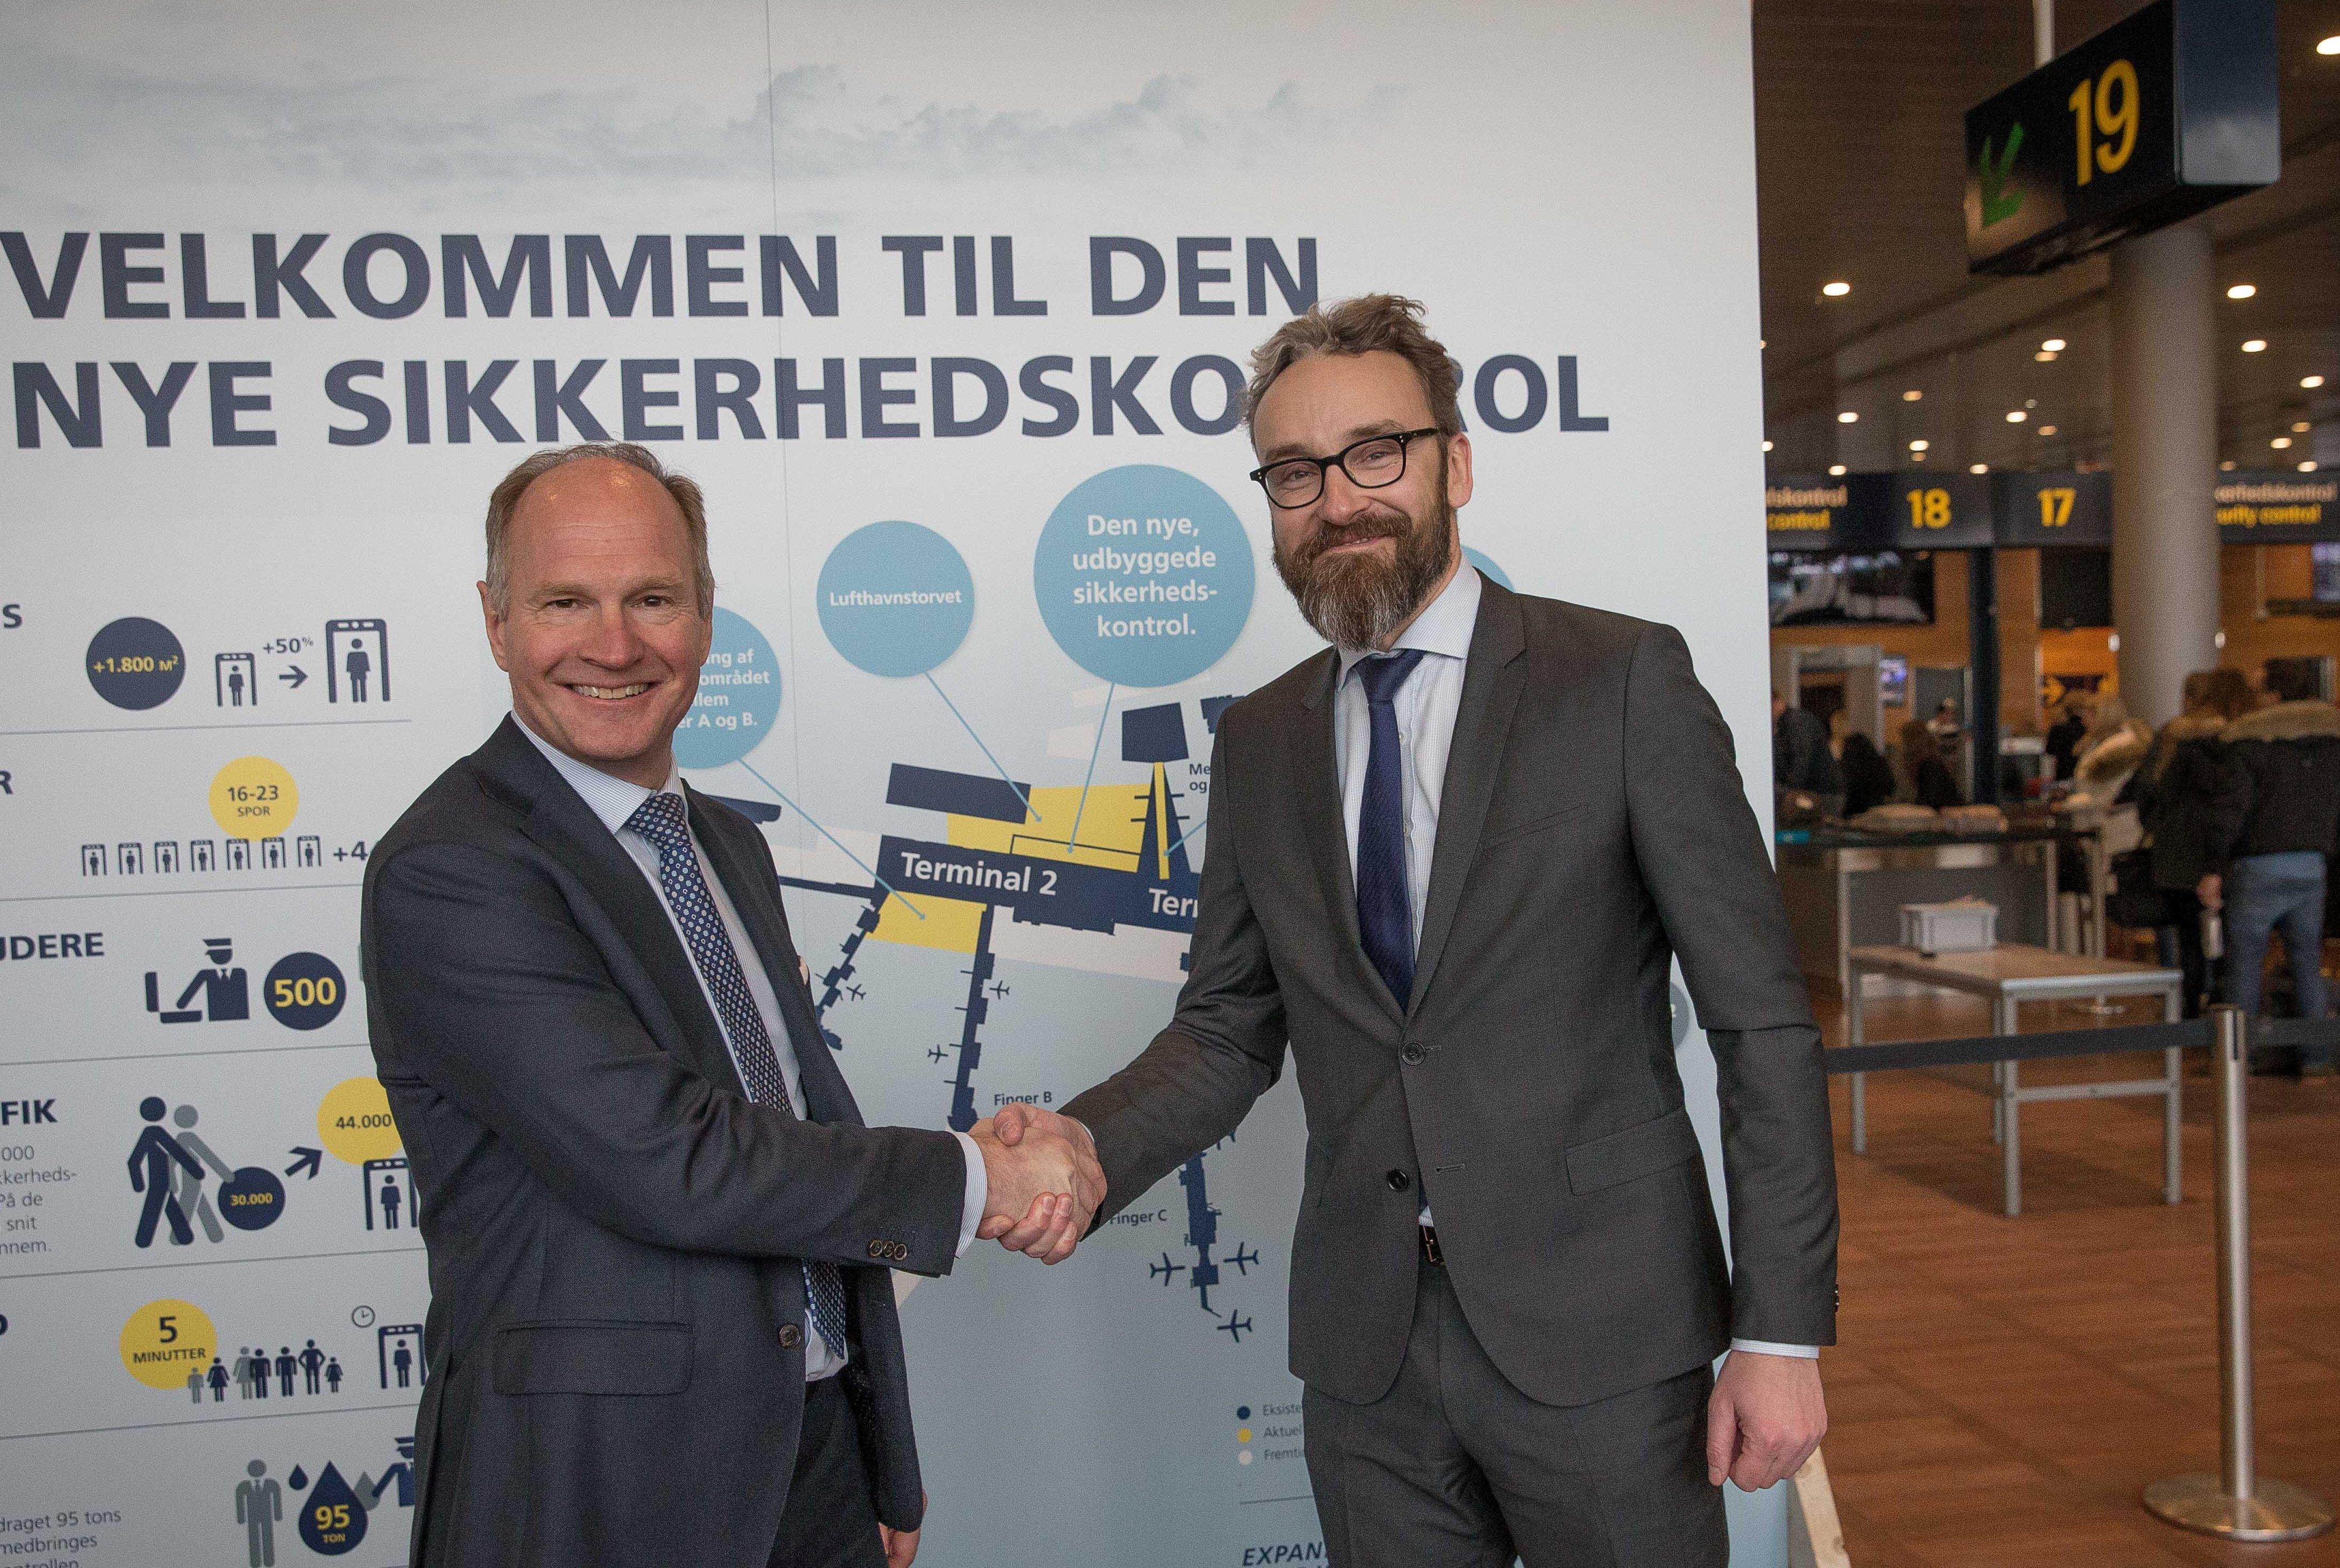 Direktør i Københavns Lufthavn, Thomas Woldbye, til venstre, og transportminister Ole Birk Olesen ved åbningen af den udvidede sikkerhedskontrol. Foto: Ernst Tobisch.